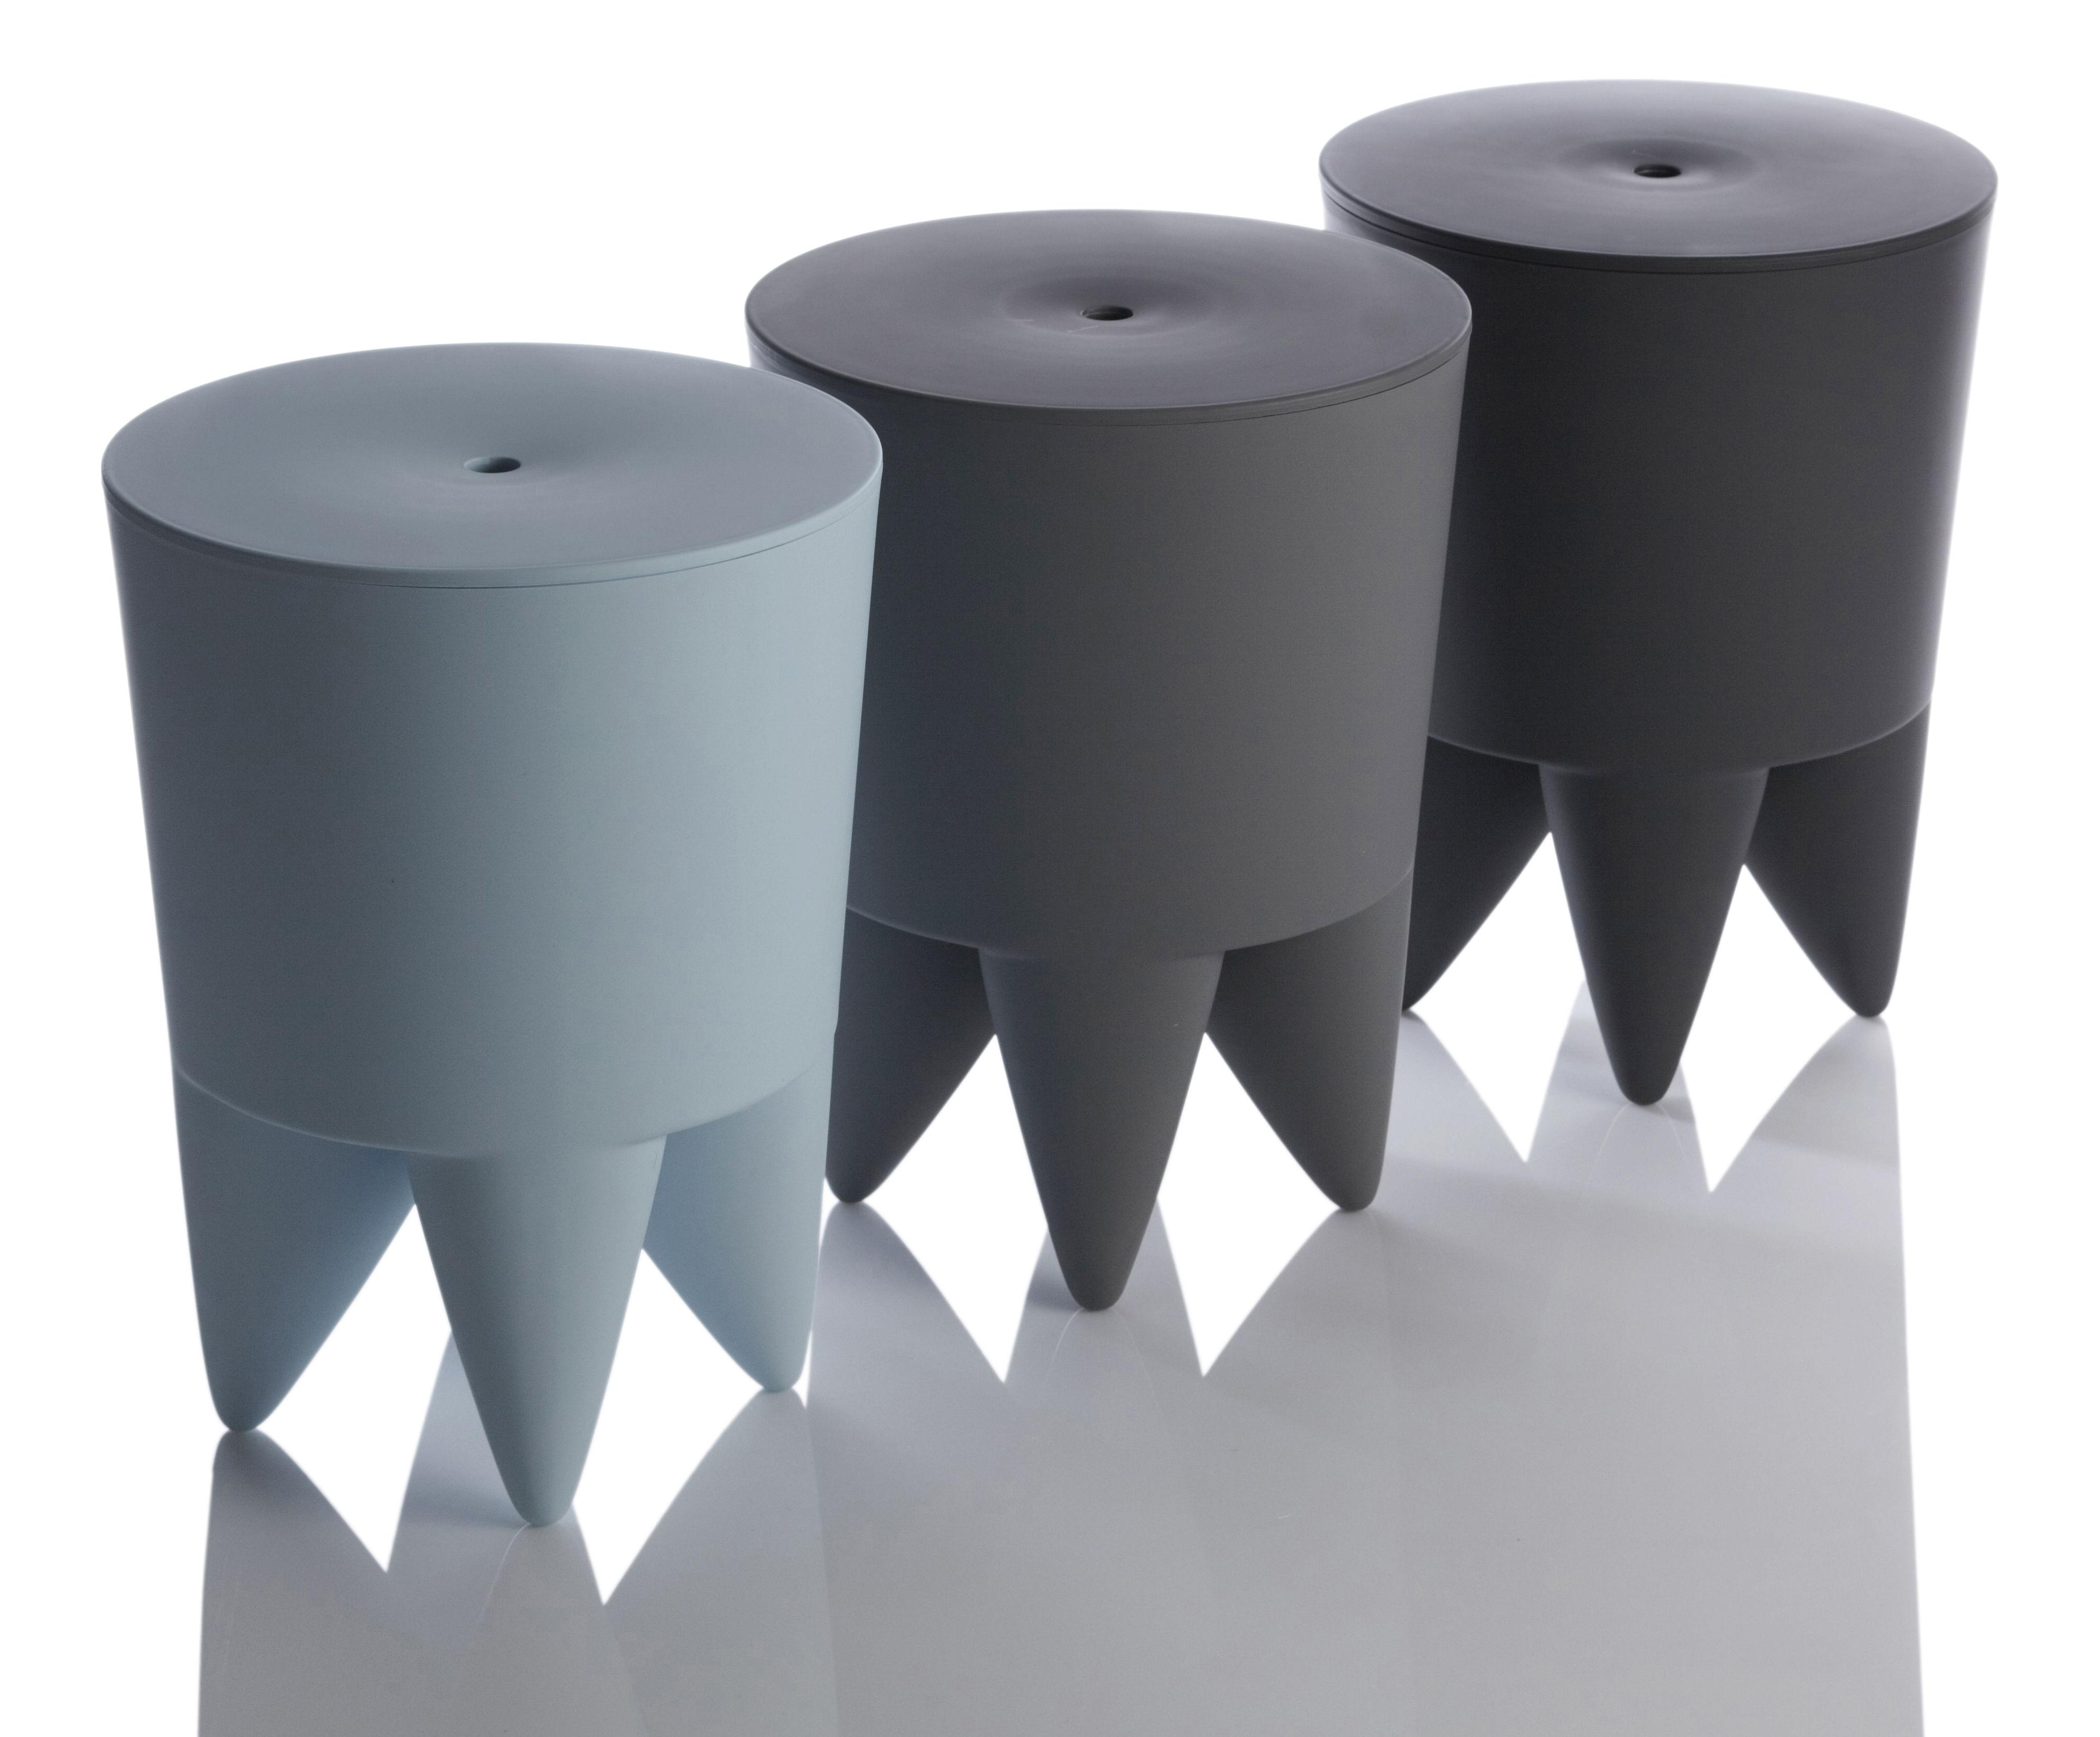 tabouret new bubu 1er coffre plastique craie xo. Black Bedroom Furniture Sets. Home Design Ideas